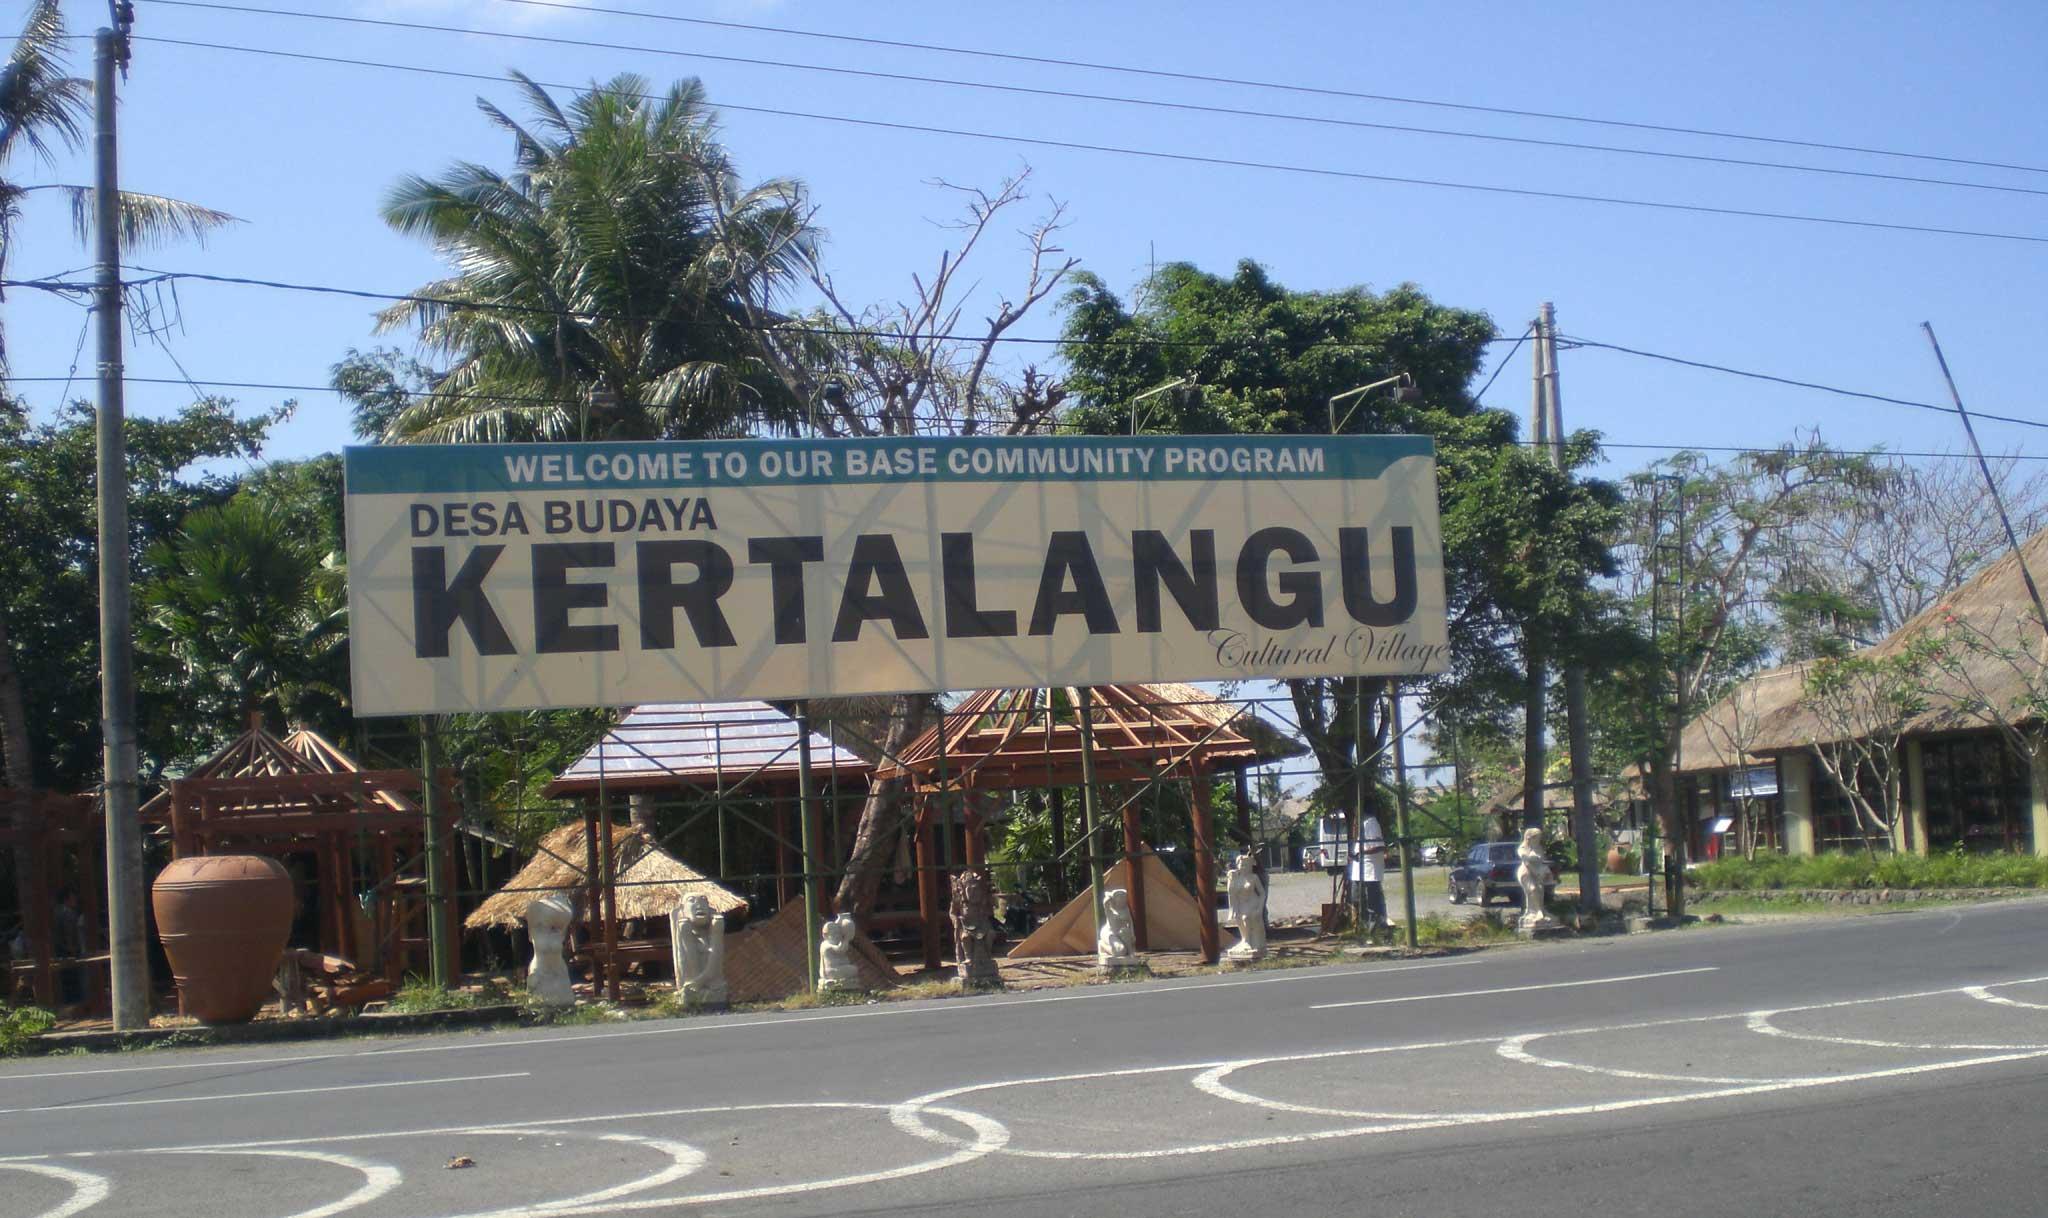 Desa Budaya Kertalangu Wisata Alami Dekat Kota Denpasar